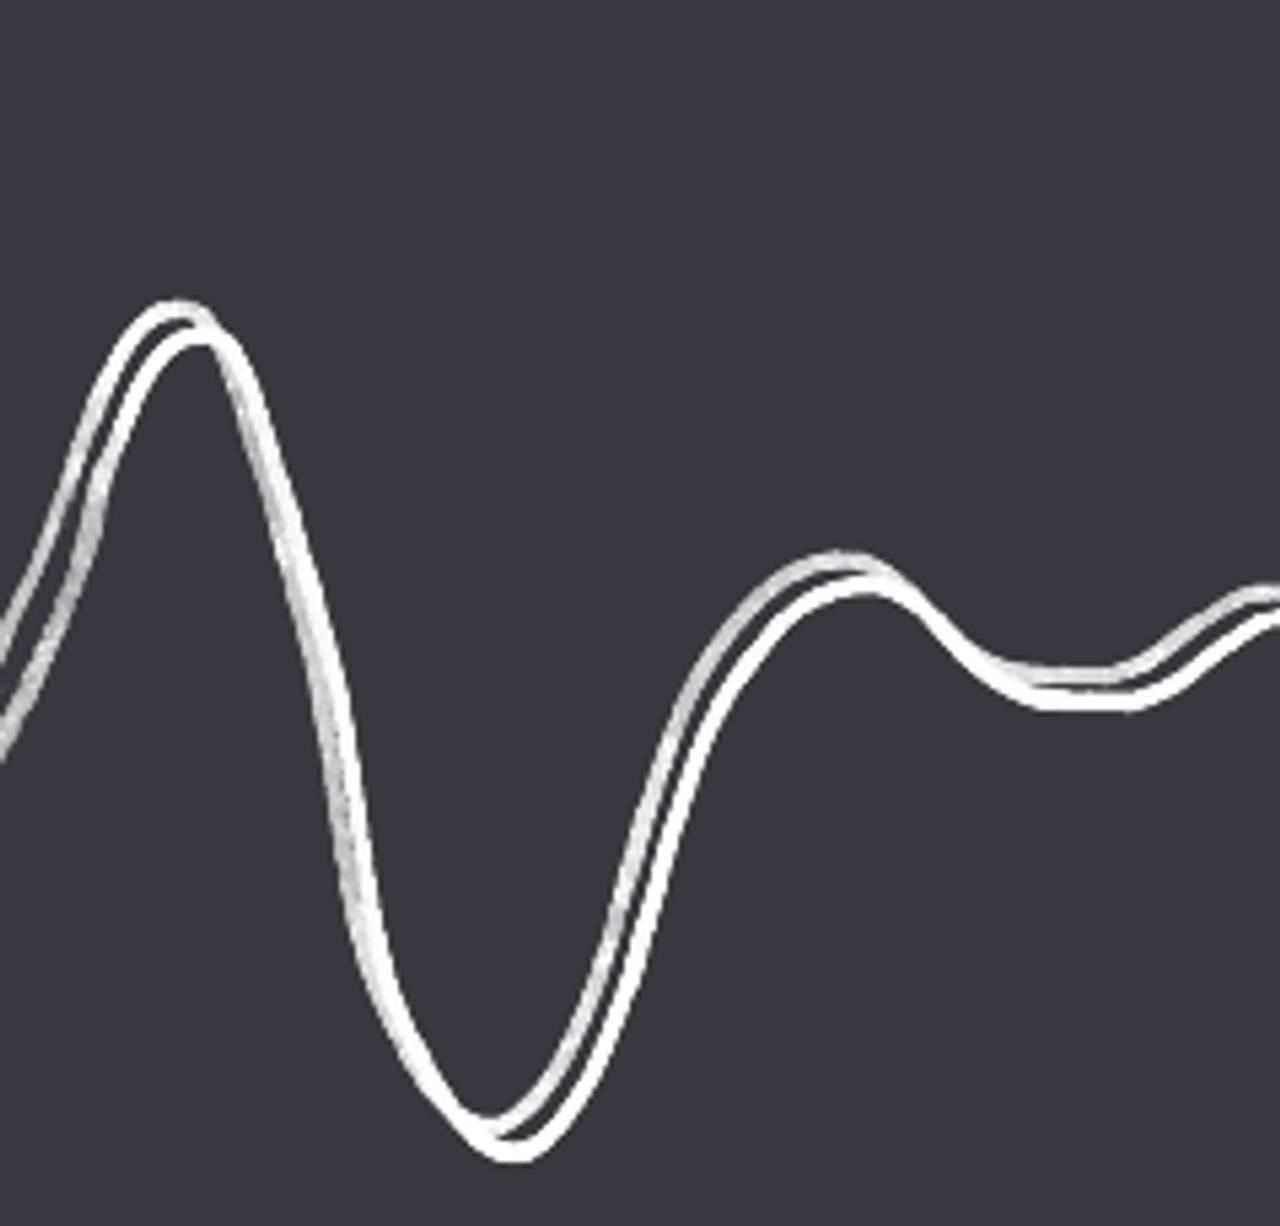 Illustrasjon av en linje som representerer at humøret går opp og ned.